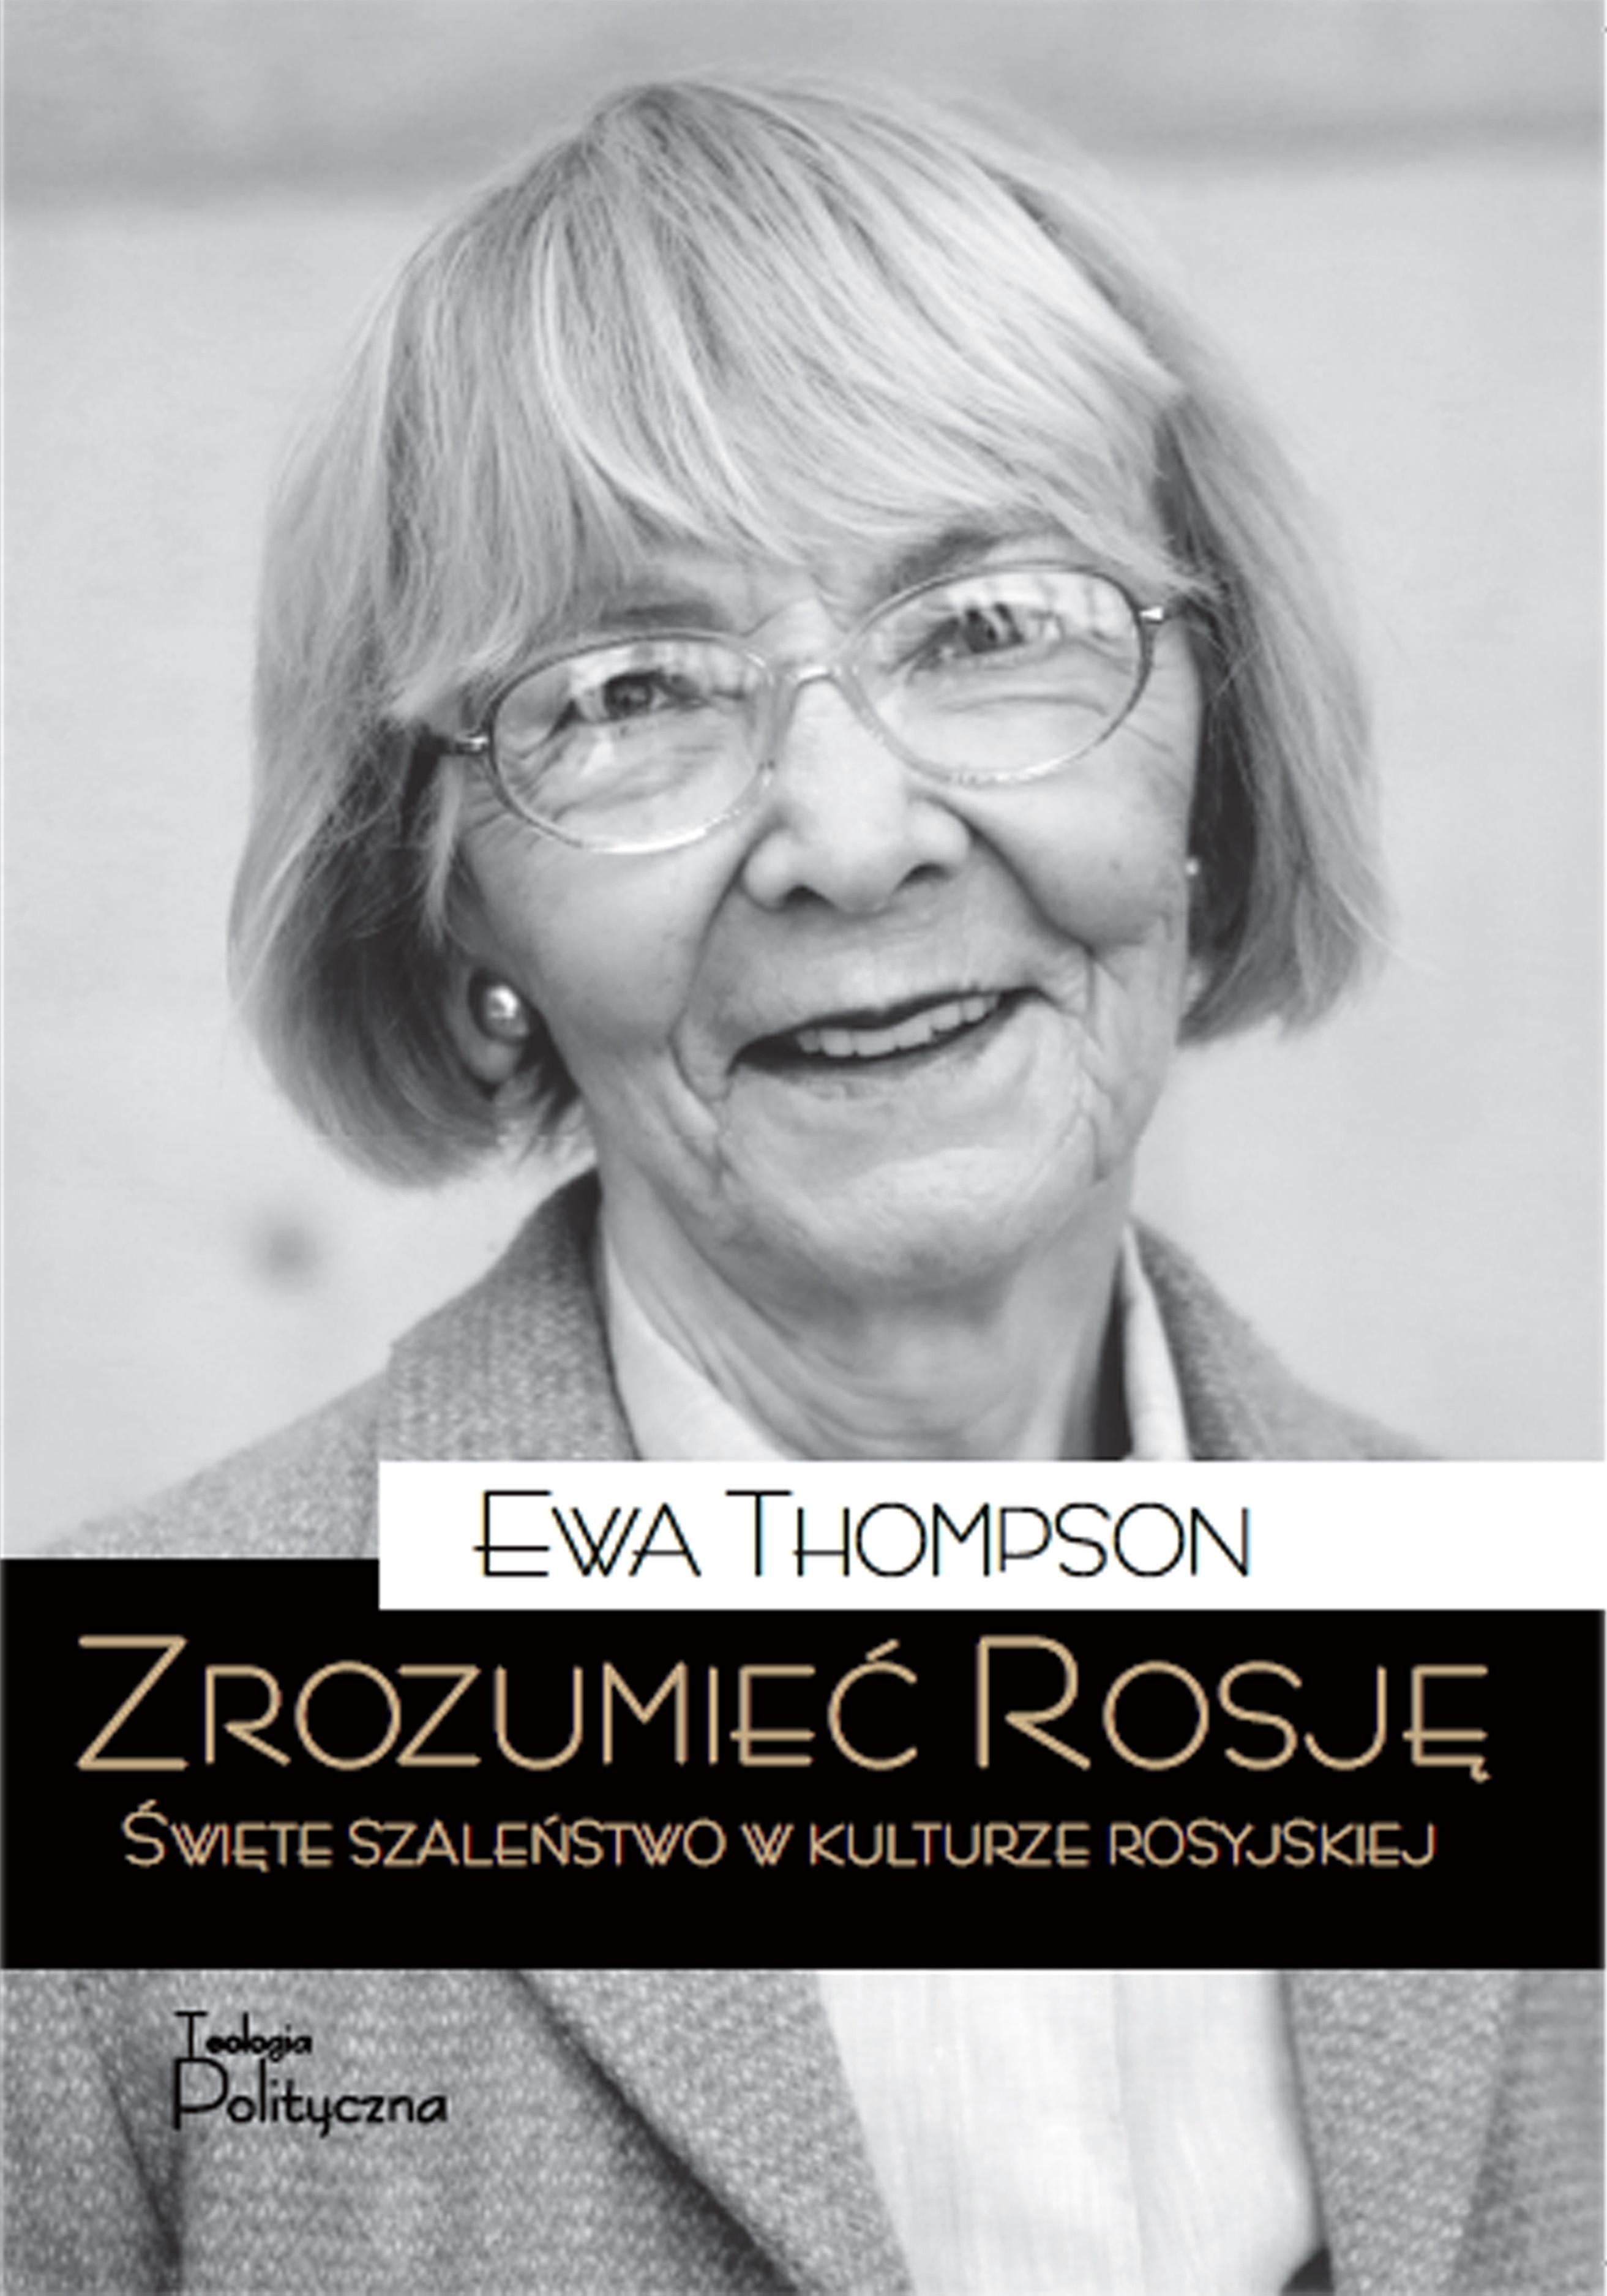 Ewa Thompson, Zrozumieć Rosję